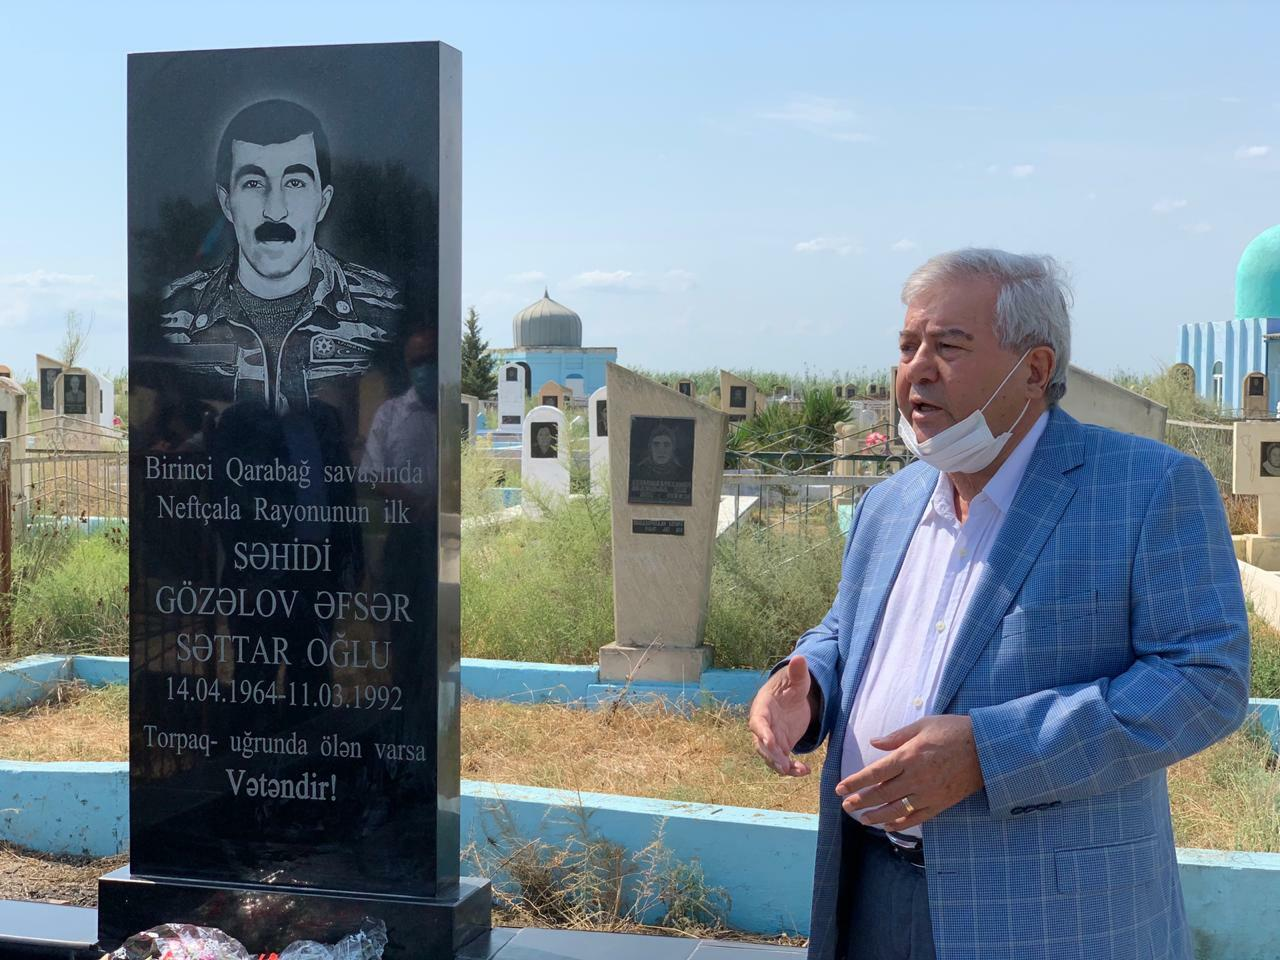 Millə vəkili və başçı şəhid məzarını ziyarət etdi - Foto